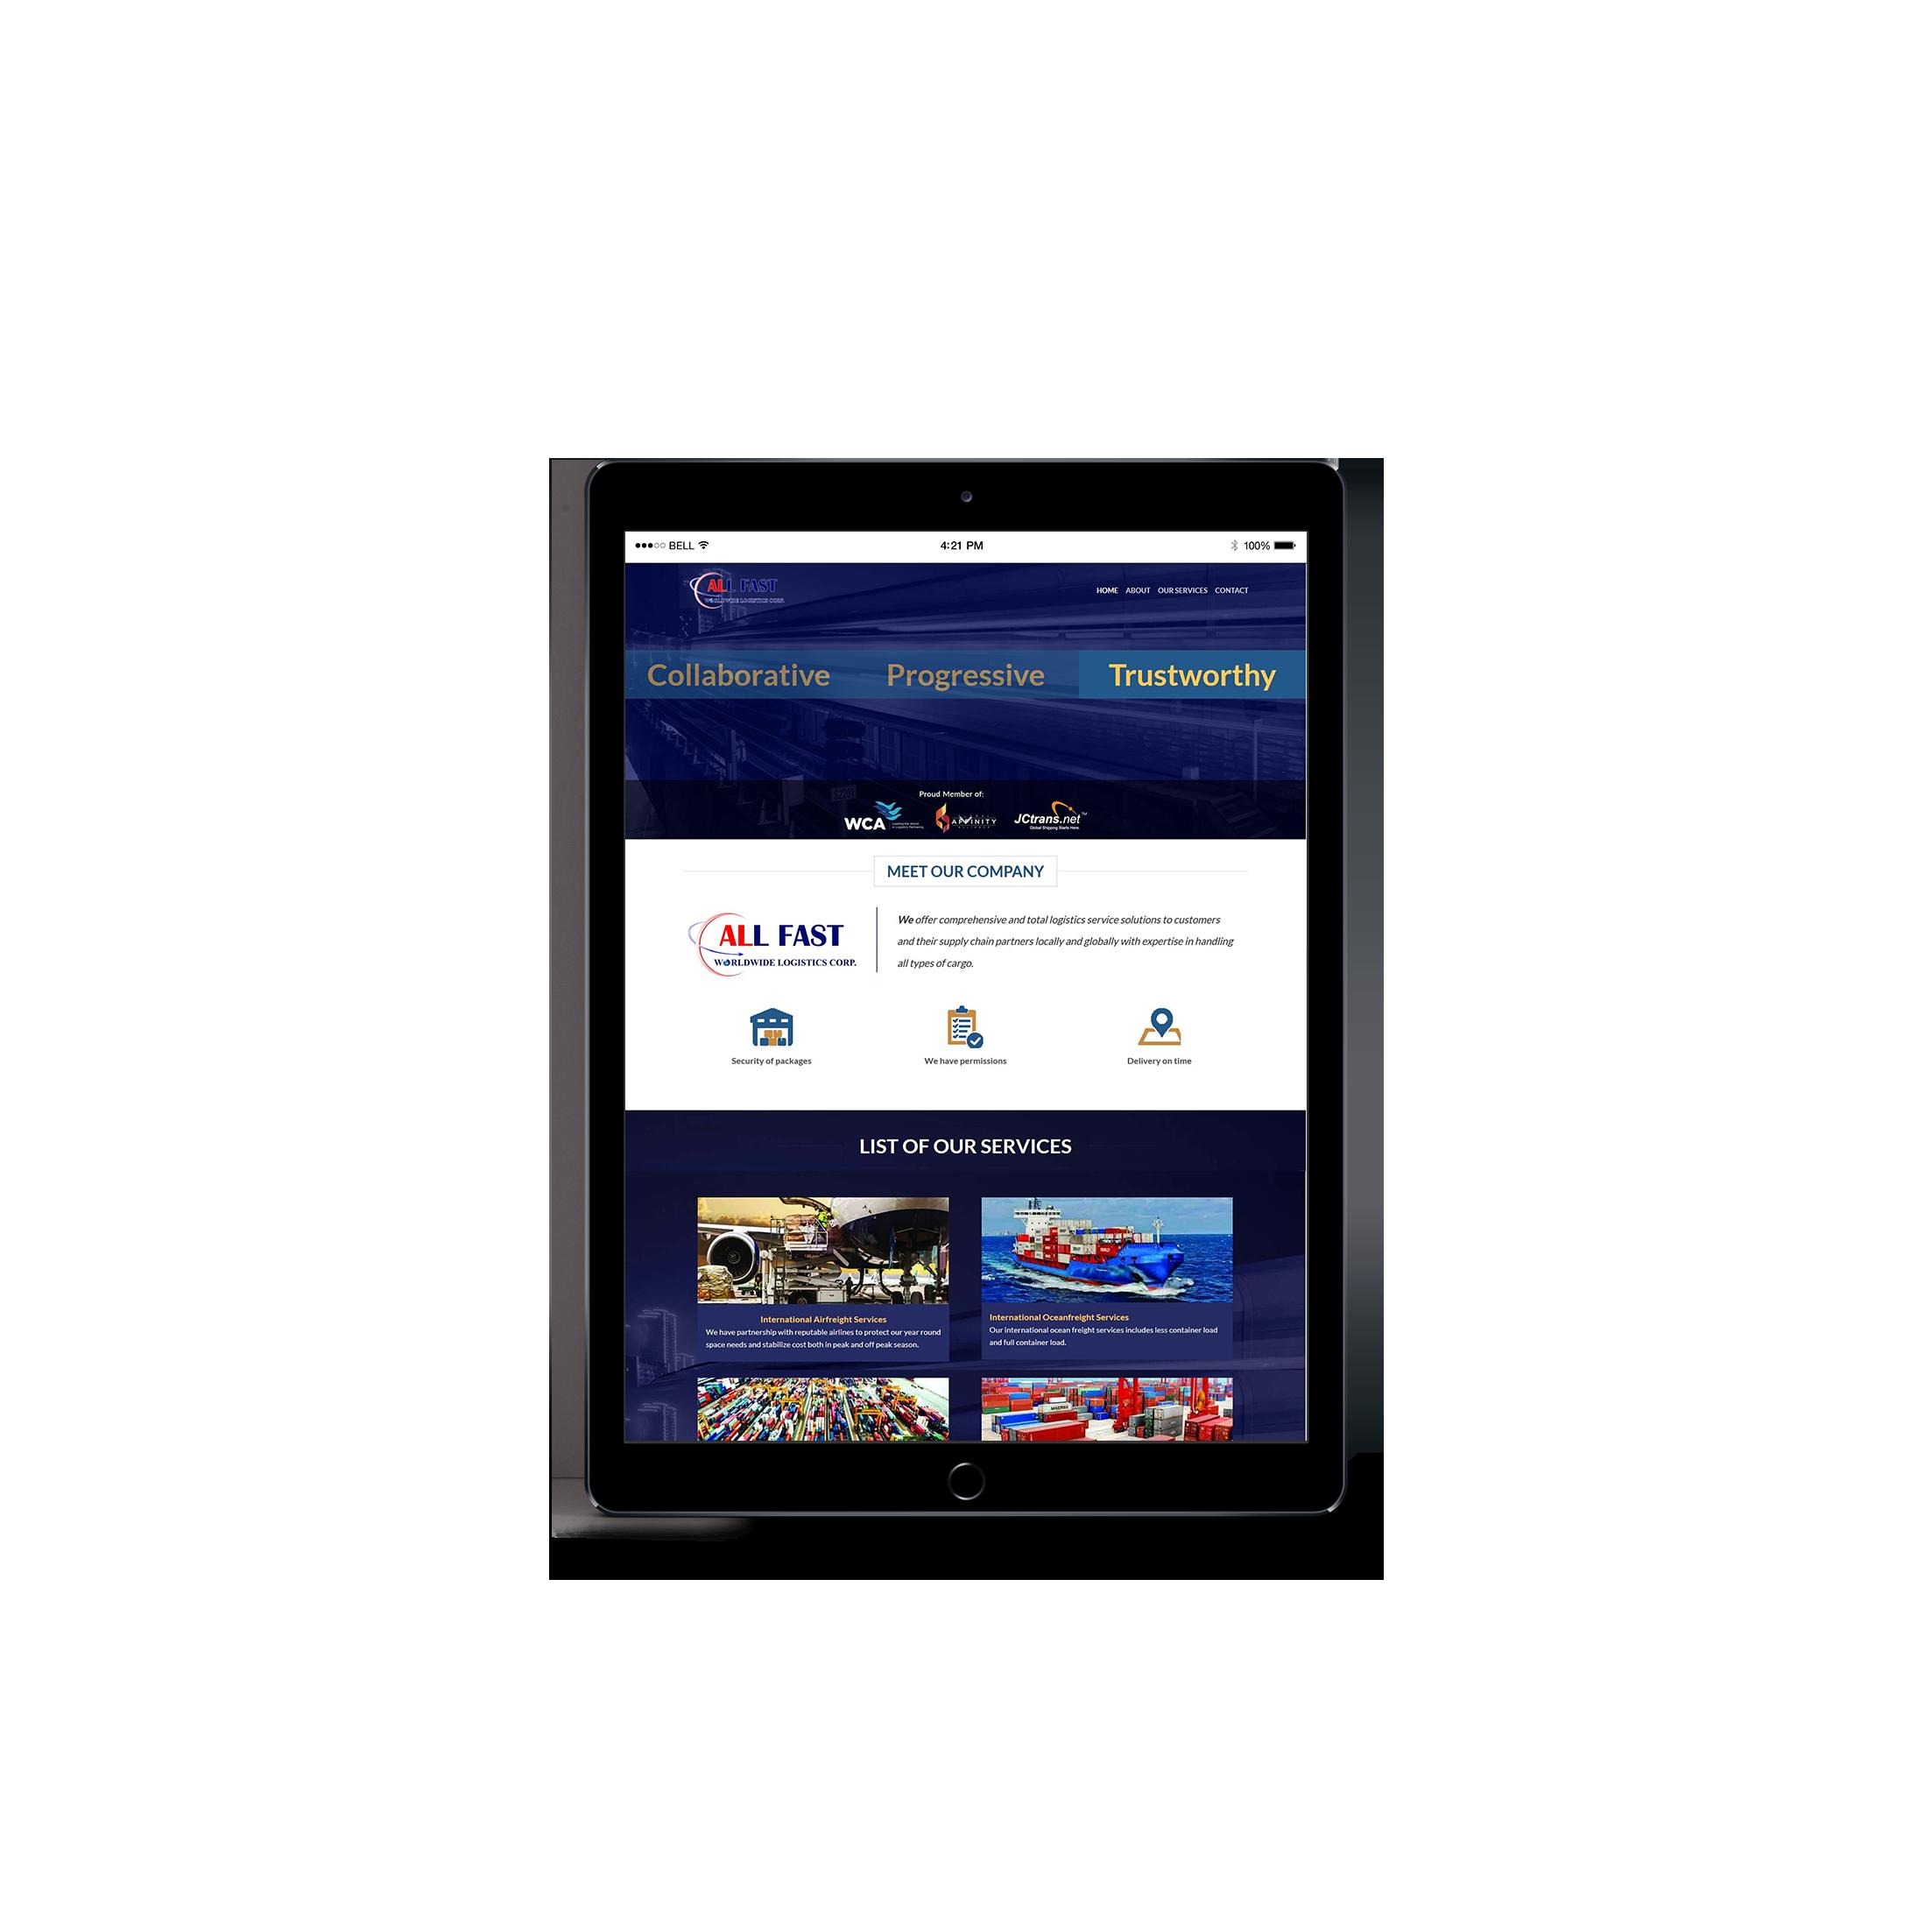 ADI-afwlc_tablet